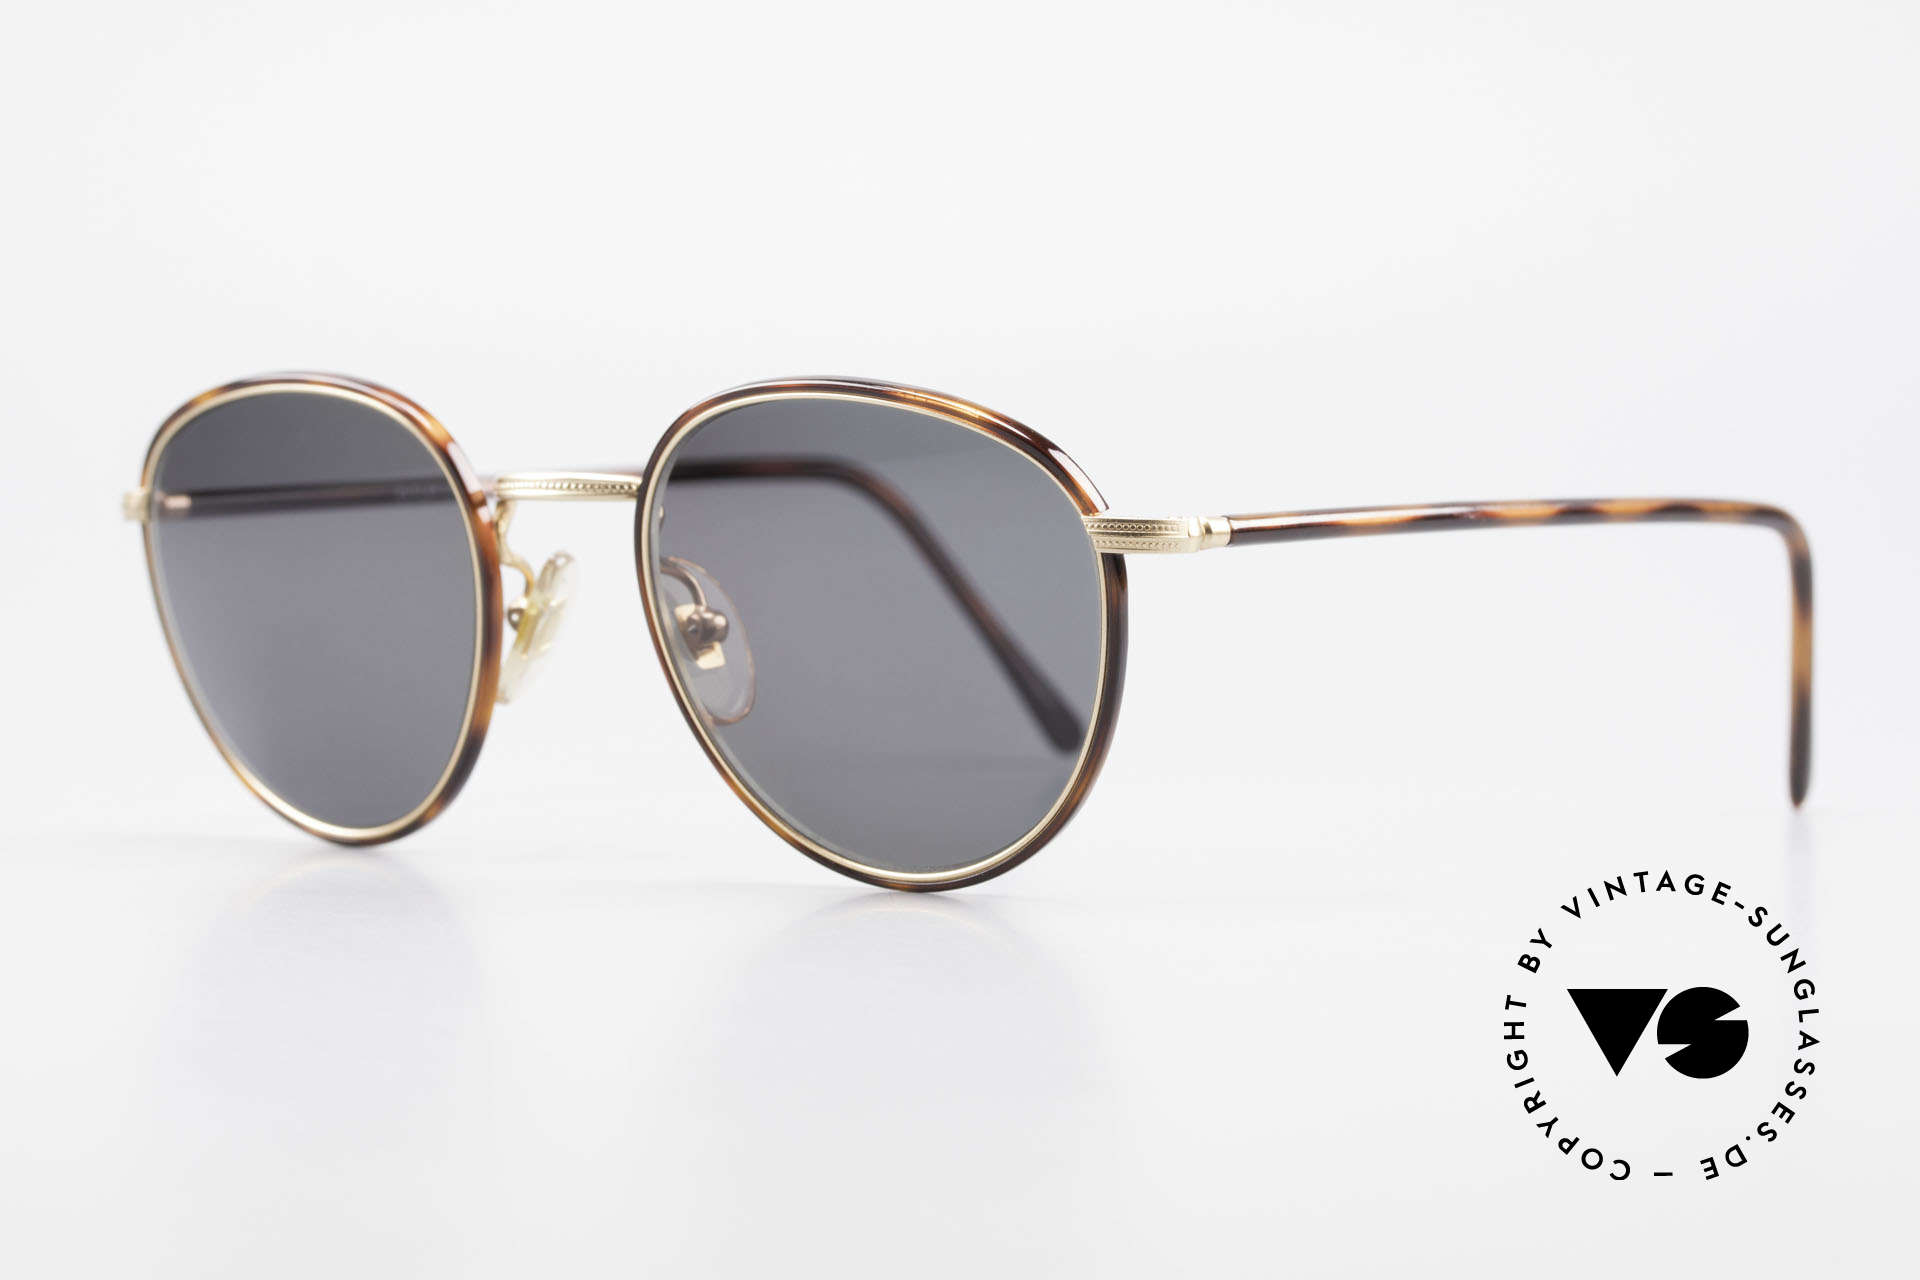 Cutler And Gross 0352 Panto Vintage Sonnenbrille, stilvoll & unverwechselbar; auch ohne pompöse Logos, Passend für Herren und Damen